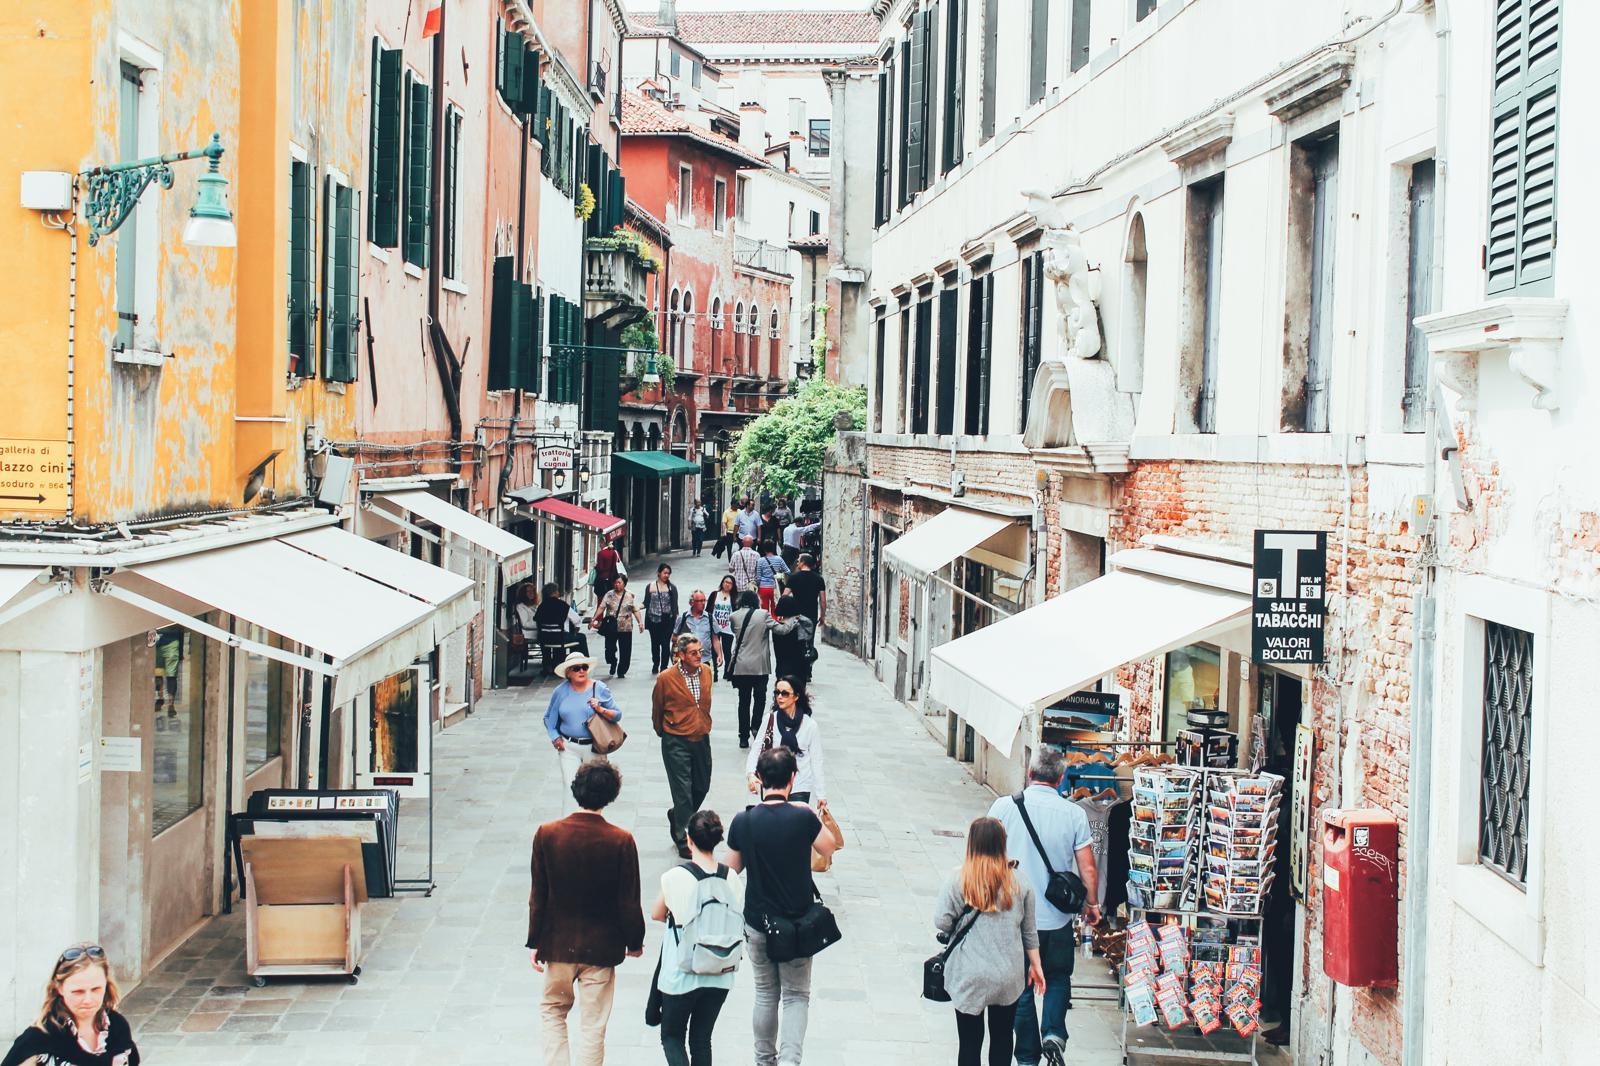 Venice - A Photo Diary. Italy, Europe (44)